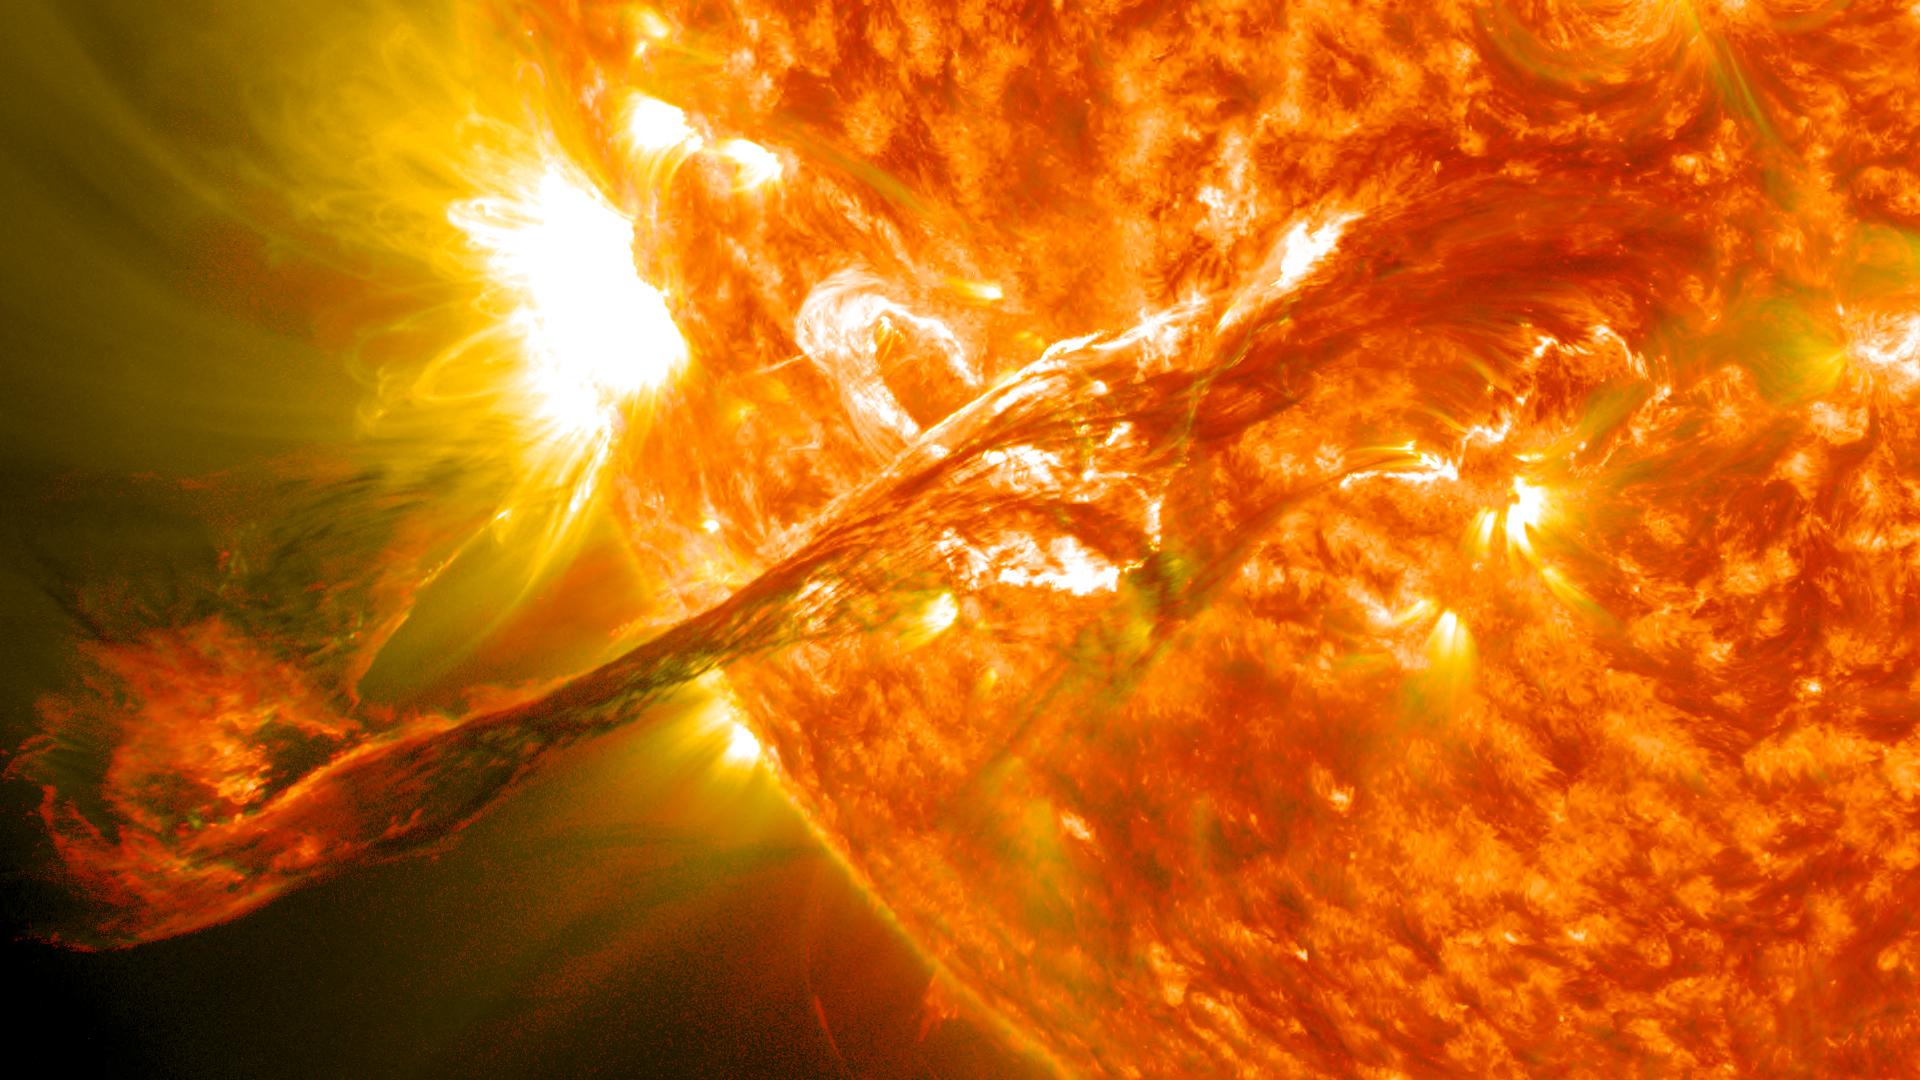 Installer error has been blamed for many of UK's solar PV fires.